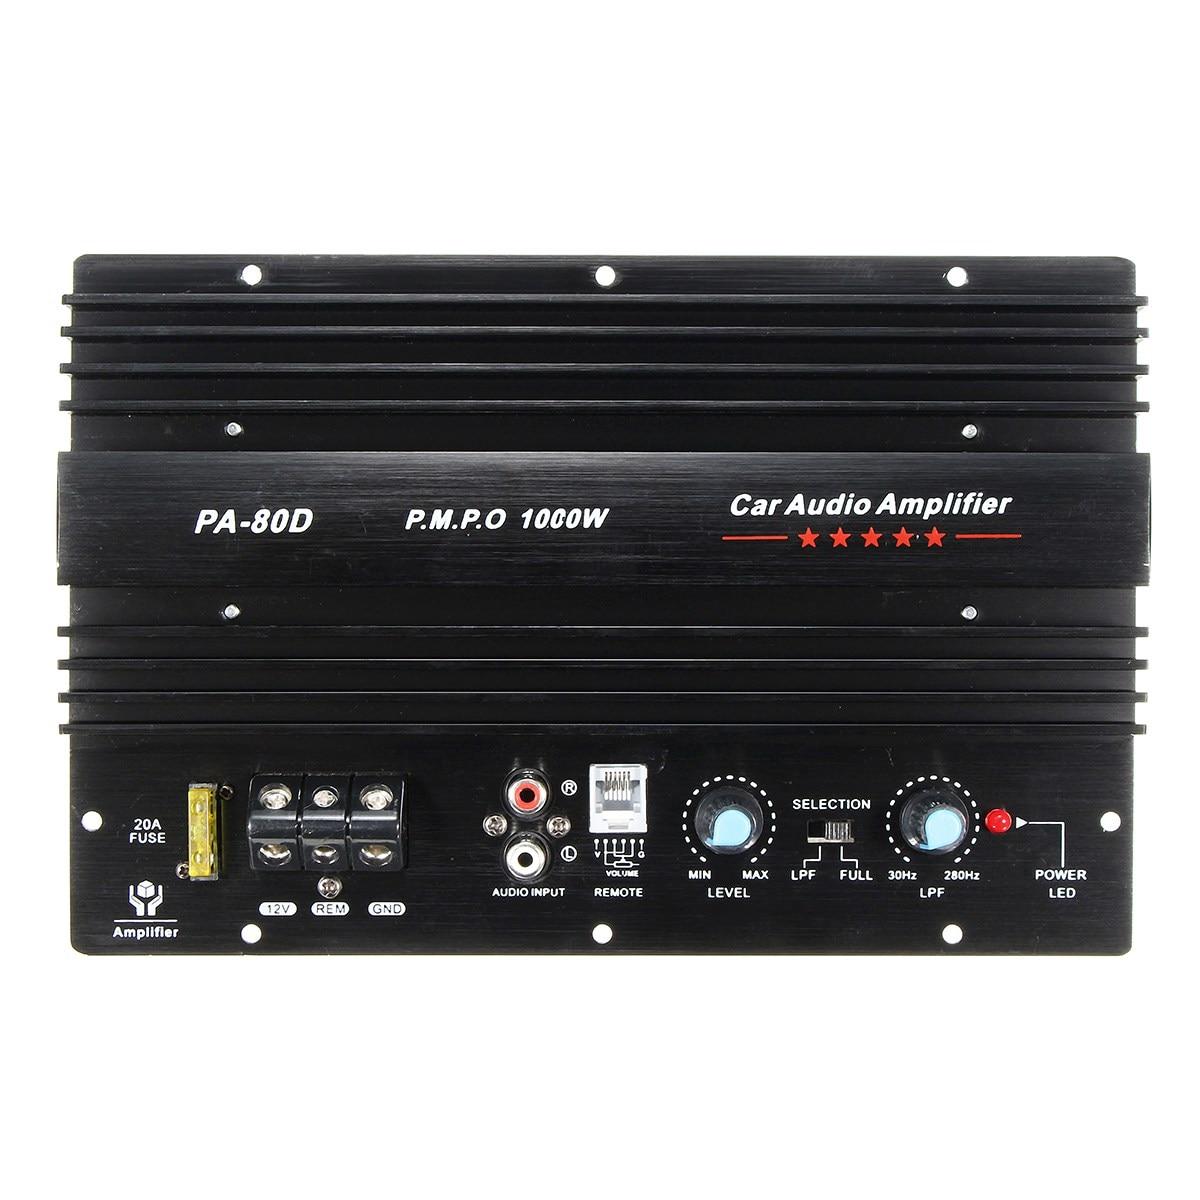 2018 Новое прибытие 12 В 1000 Вт моно Аудиомагнитолы автомобильные Мощность Усилители домашние Мощность ful бас Сабвуферы для автомобиля AMP pa-80d